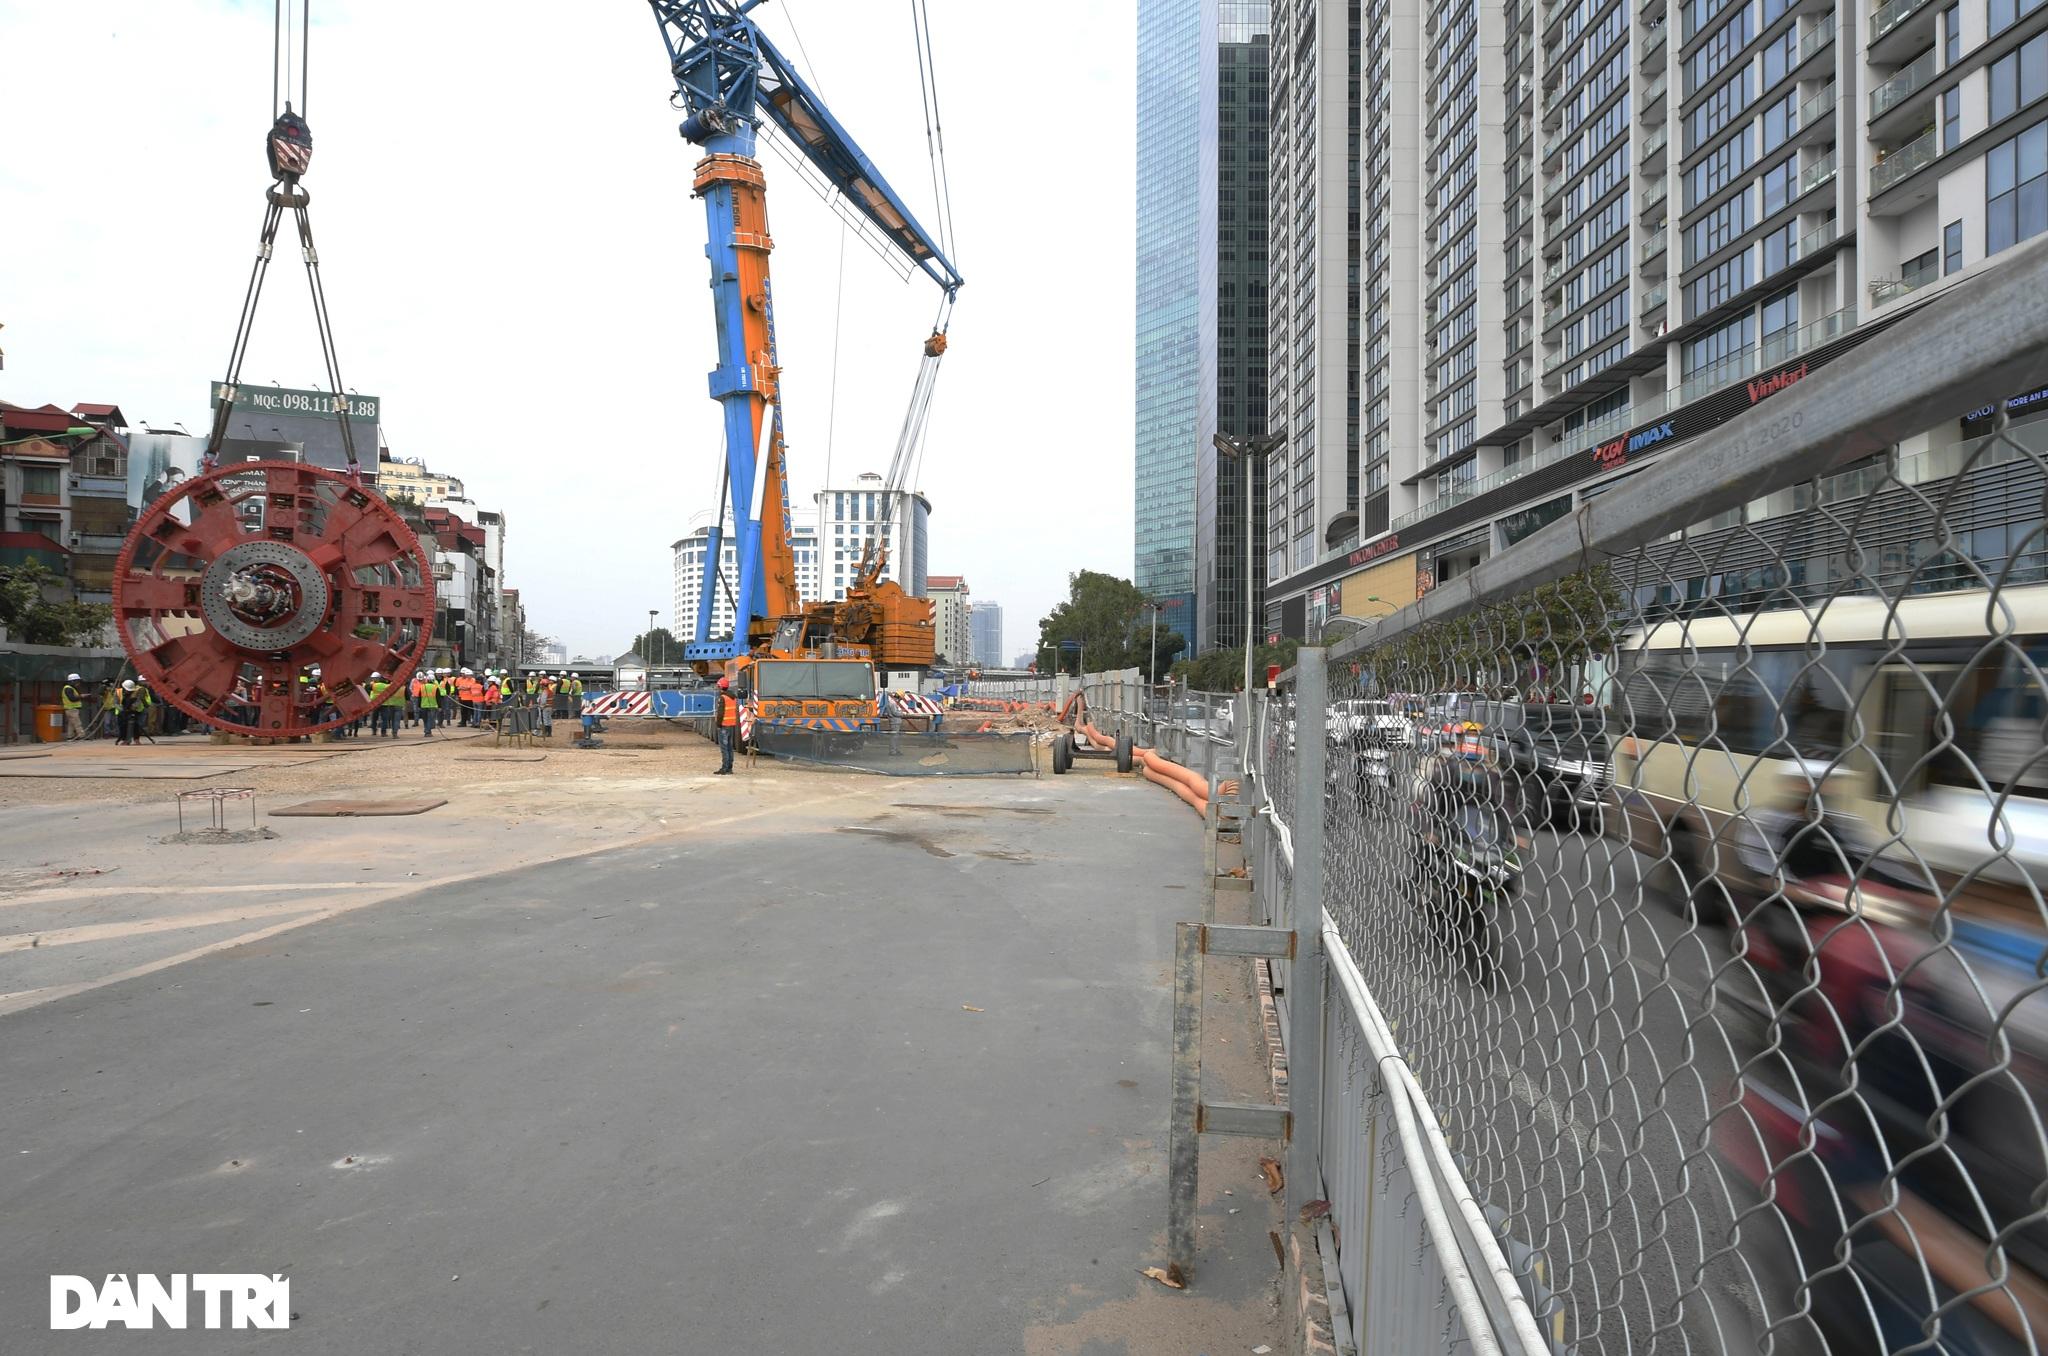 Ráp xong quái vật 860 tấn sẵn sàng đào hầm đường sắt Nhổn - ga Hà Nội - 2